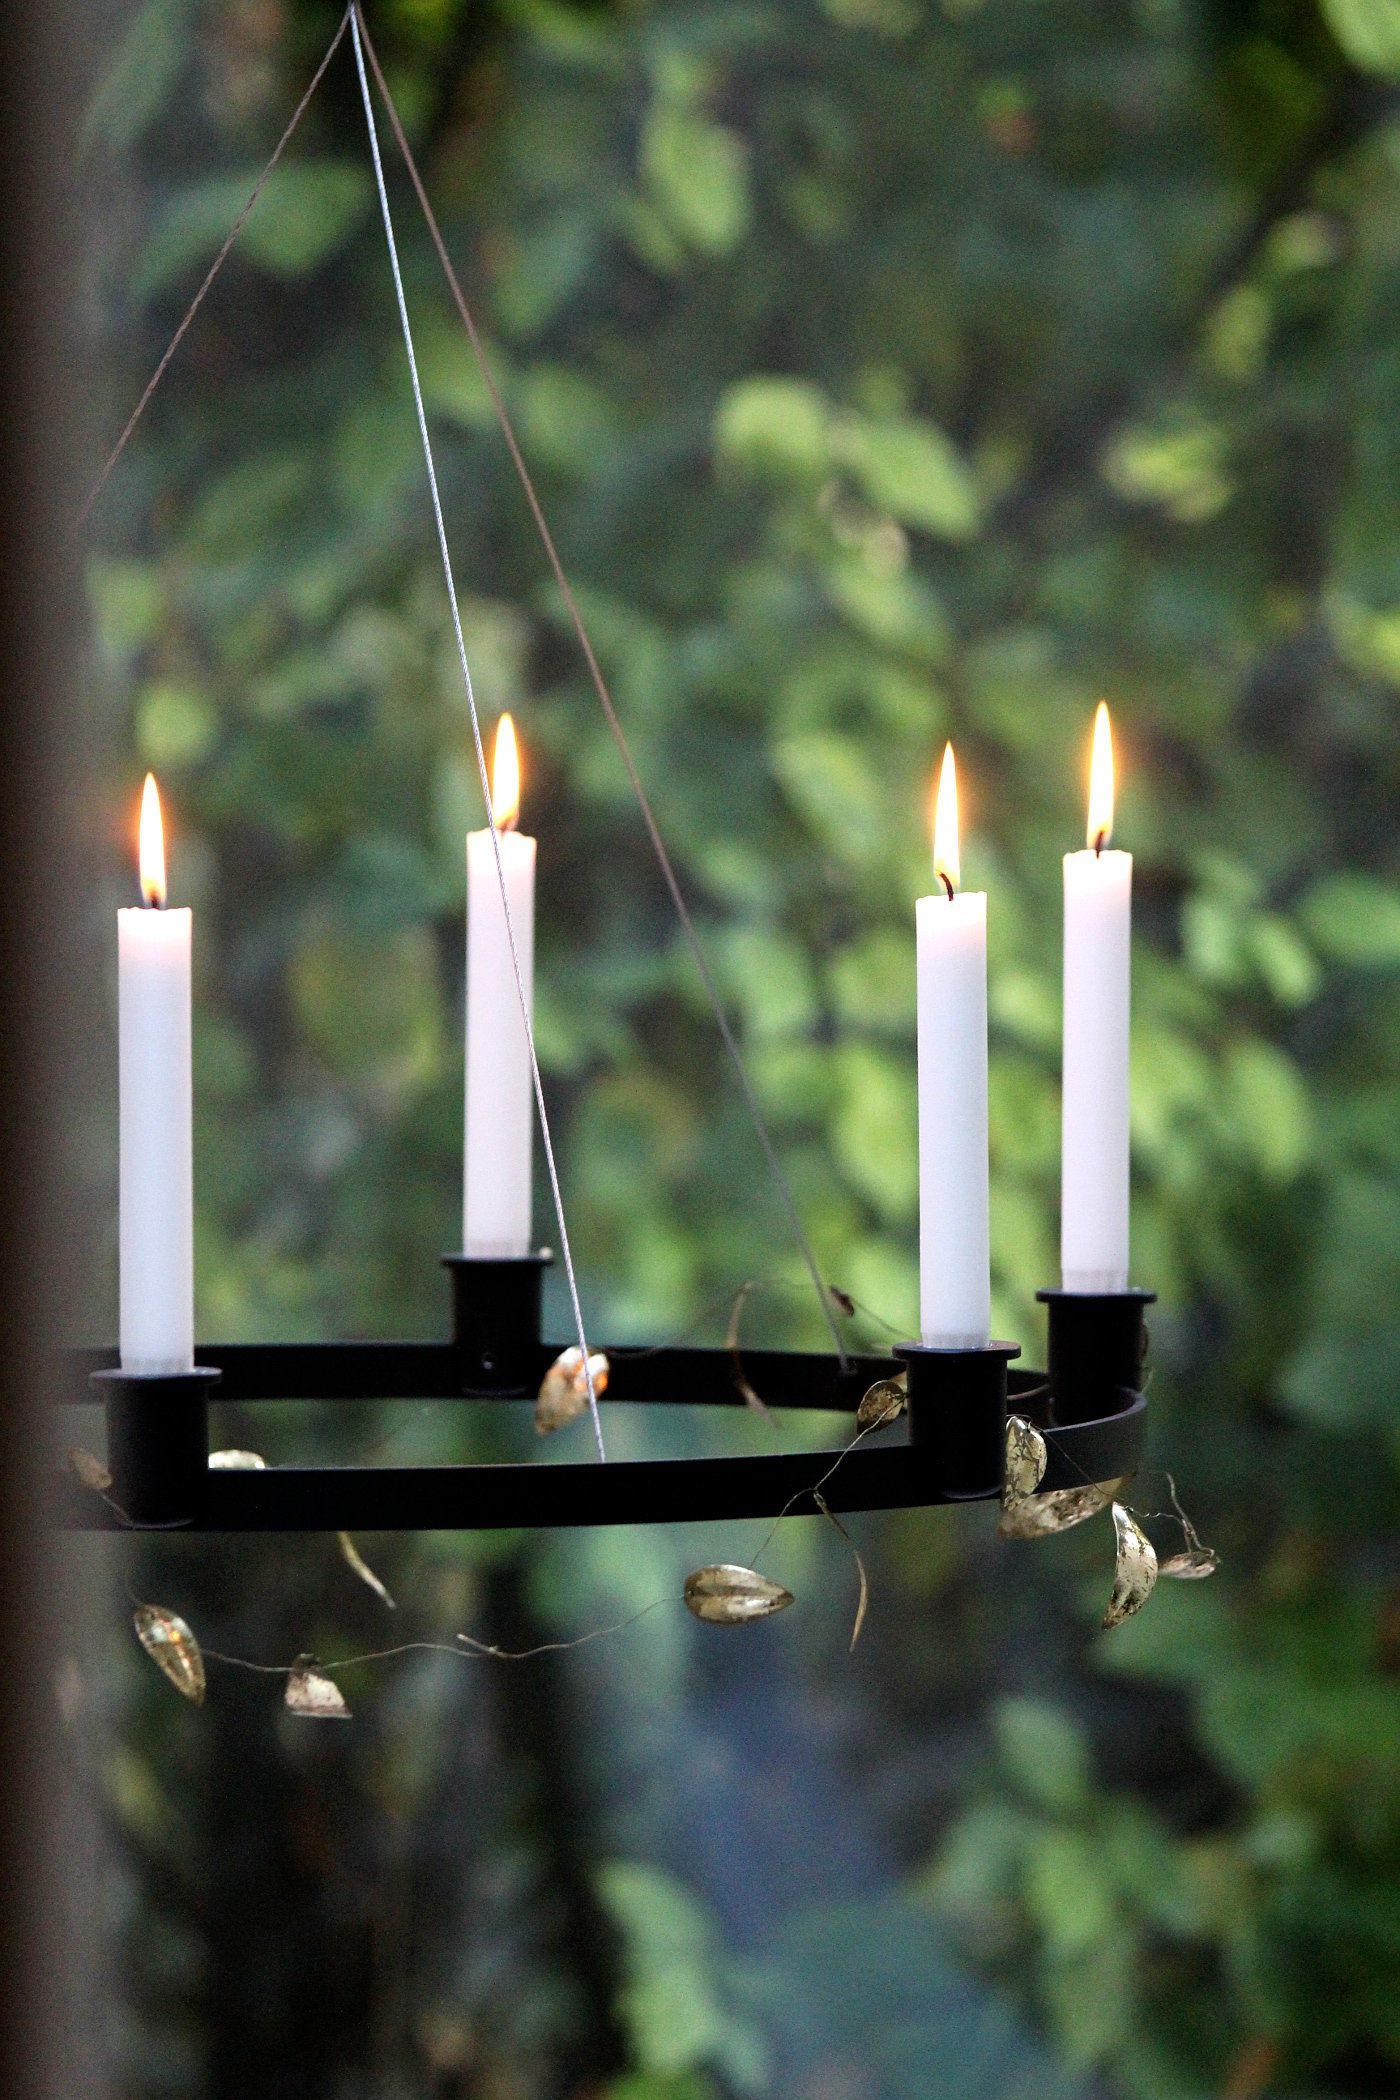 Full Size of Hängelampen Ikea Schnsten Ideen Mit Leuchten Küche Kosten Kaufen Betten 160x200 Modulküche Miniküche Sofa Schlaffunktion Bei Wohnzimmer Hängelampen Ikea